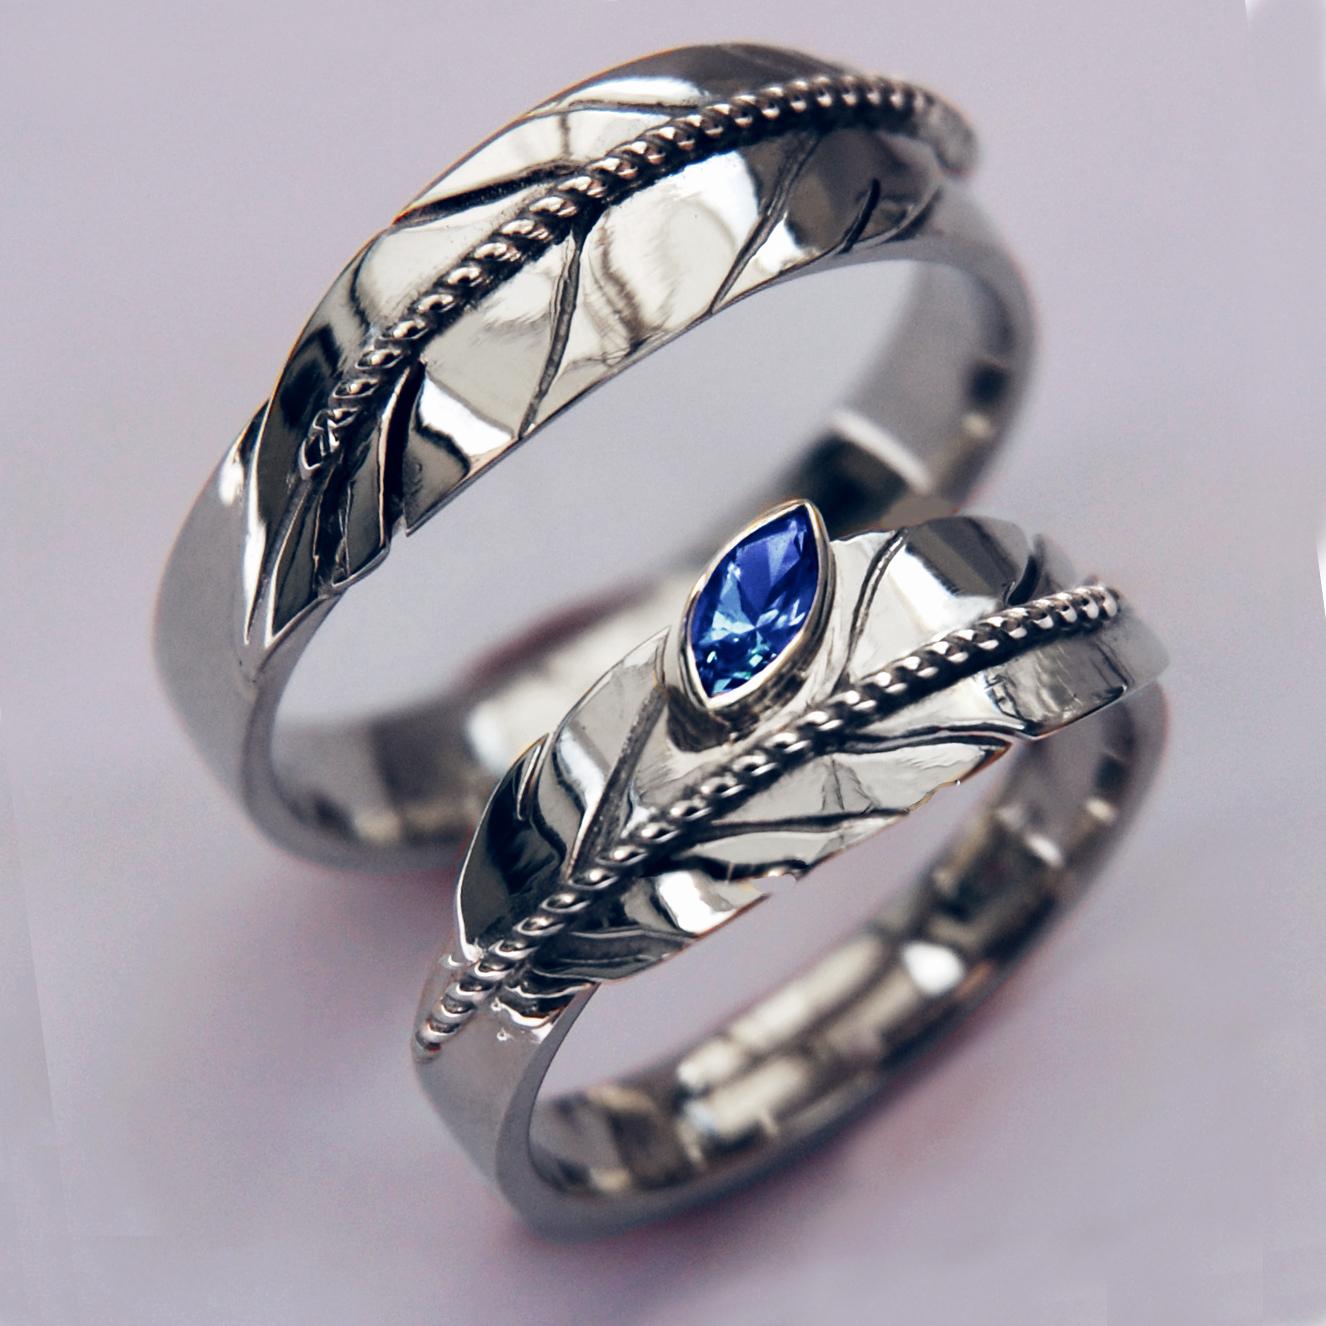 Spiritual Rings Wedding